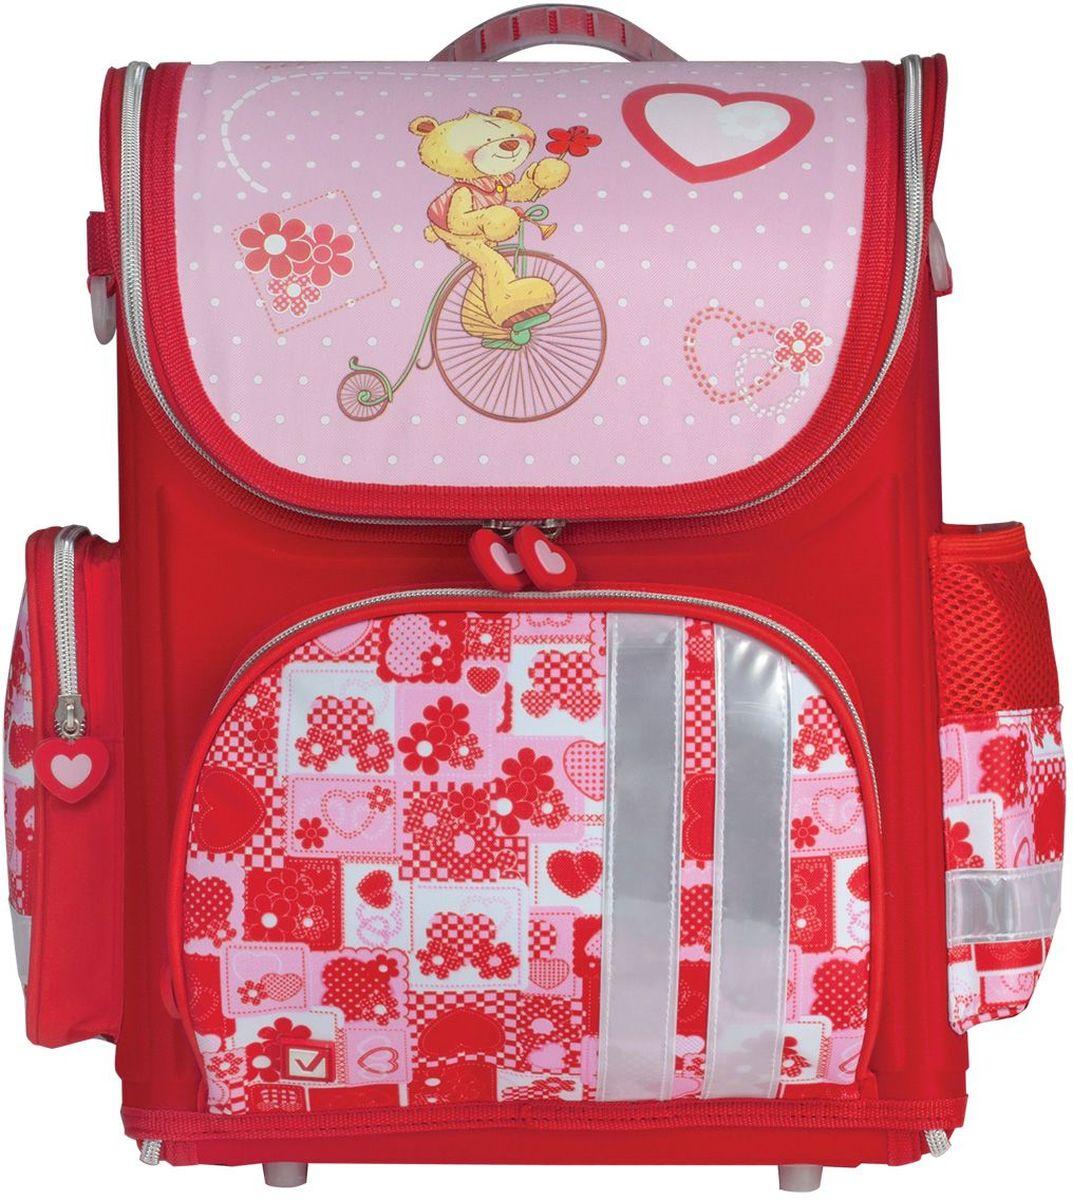 Brauberg Ранец школьный Мишка72523WDРанец Мишка предназначен для девочек 7-10 лет. Он выполнен в красно-розовом цвете и дополнен необычным принтом на карманах. Благодаря такой яркой расцветке, с ранцами этой серии ребенок всегда будет выглядеть нарядно и опрятно.•1 отделение, 3 кармана. •Полностью раскладывается на 180°. •Формоустойчивая спинка из EVA. •Светоотражающие элементы. •Широкие регулируемые лямки. •Пластиковые ножки. •Расписание уроков. •Размер: 37х29х17 см. •Объем: 20 л. •Вес ранца - 0,87 кг.